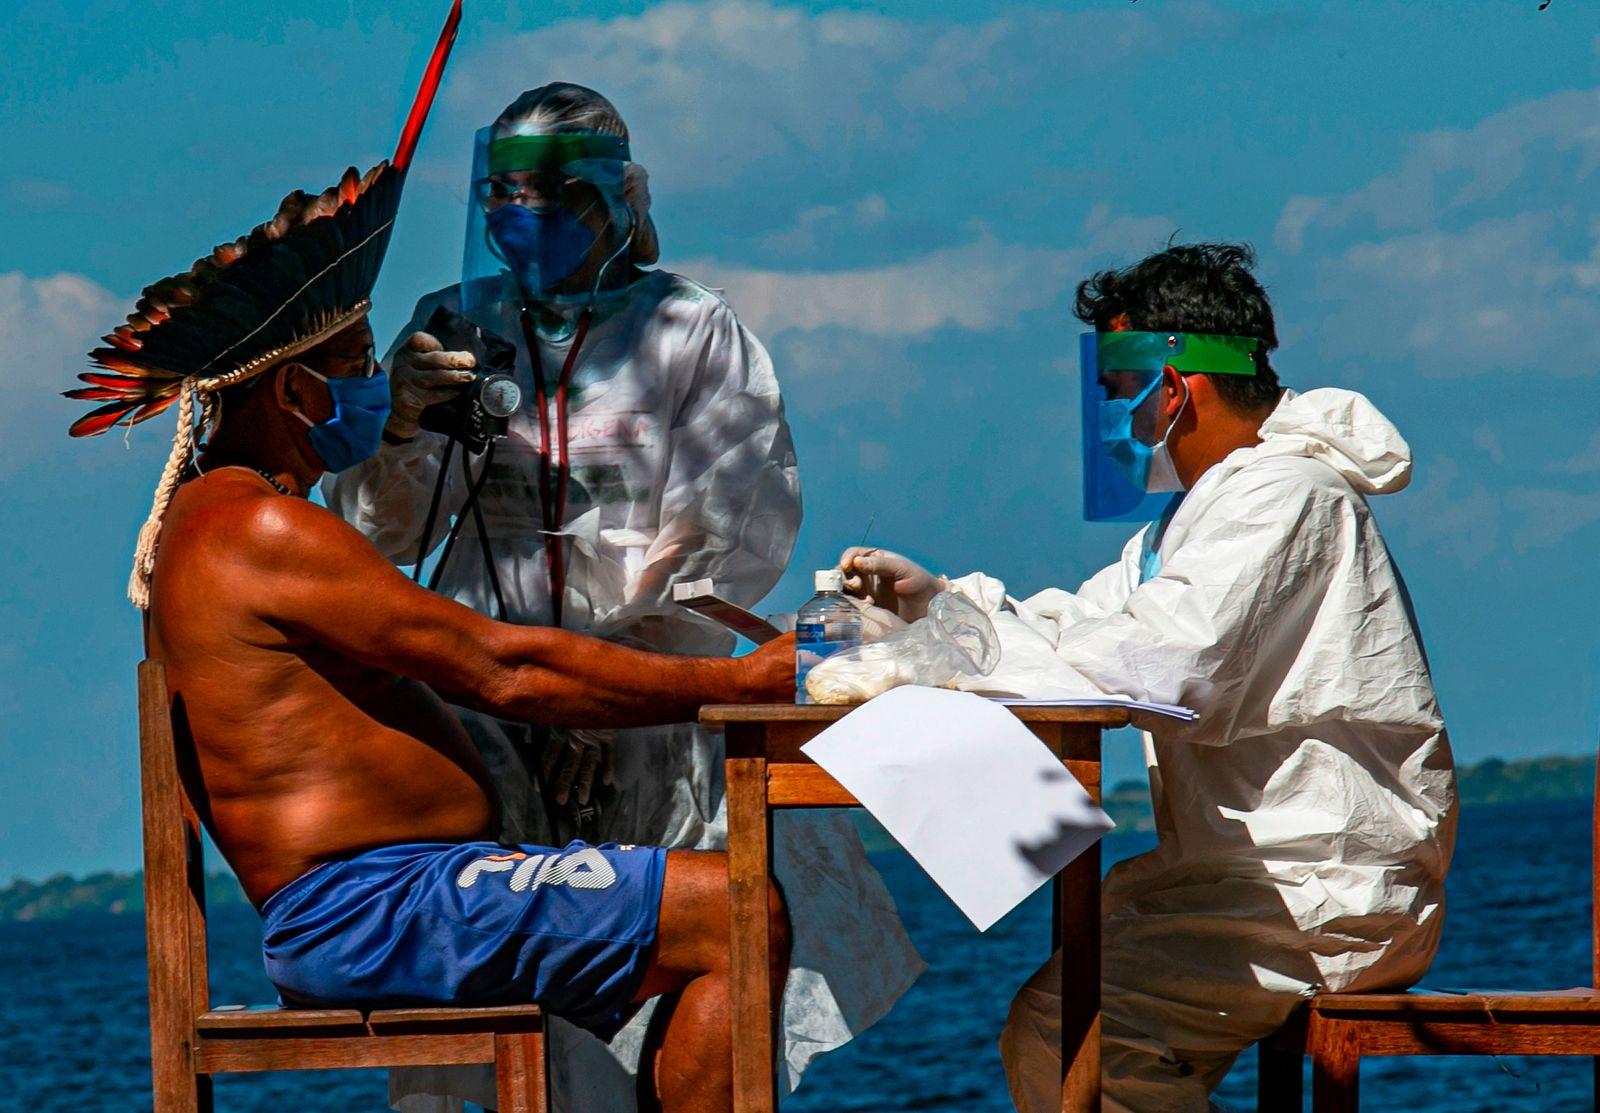 TOPSHOT-BRAZIL-HEALTH-VIRUS-INDIGENOUS-TEST